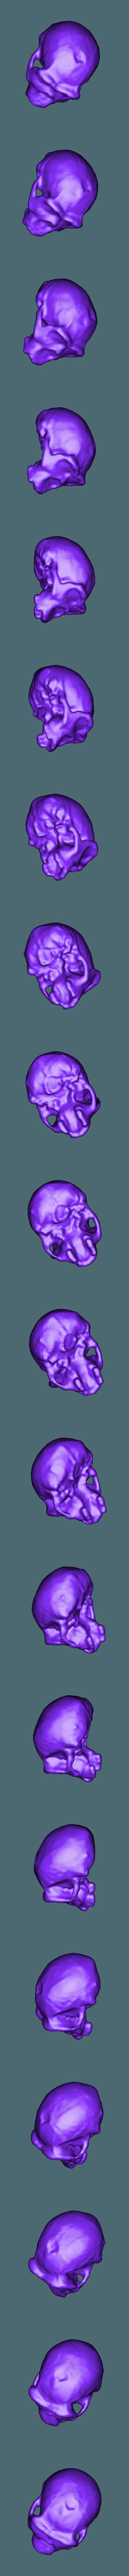 Homo_ergaster_full.stl Télécharger fichier STL gratuit Ensemble de crânes évolutifs • Objet pour impression 3D, sjpiper145